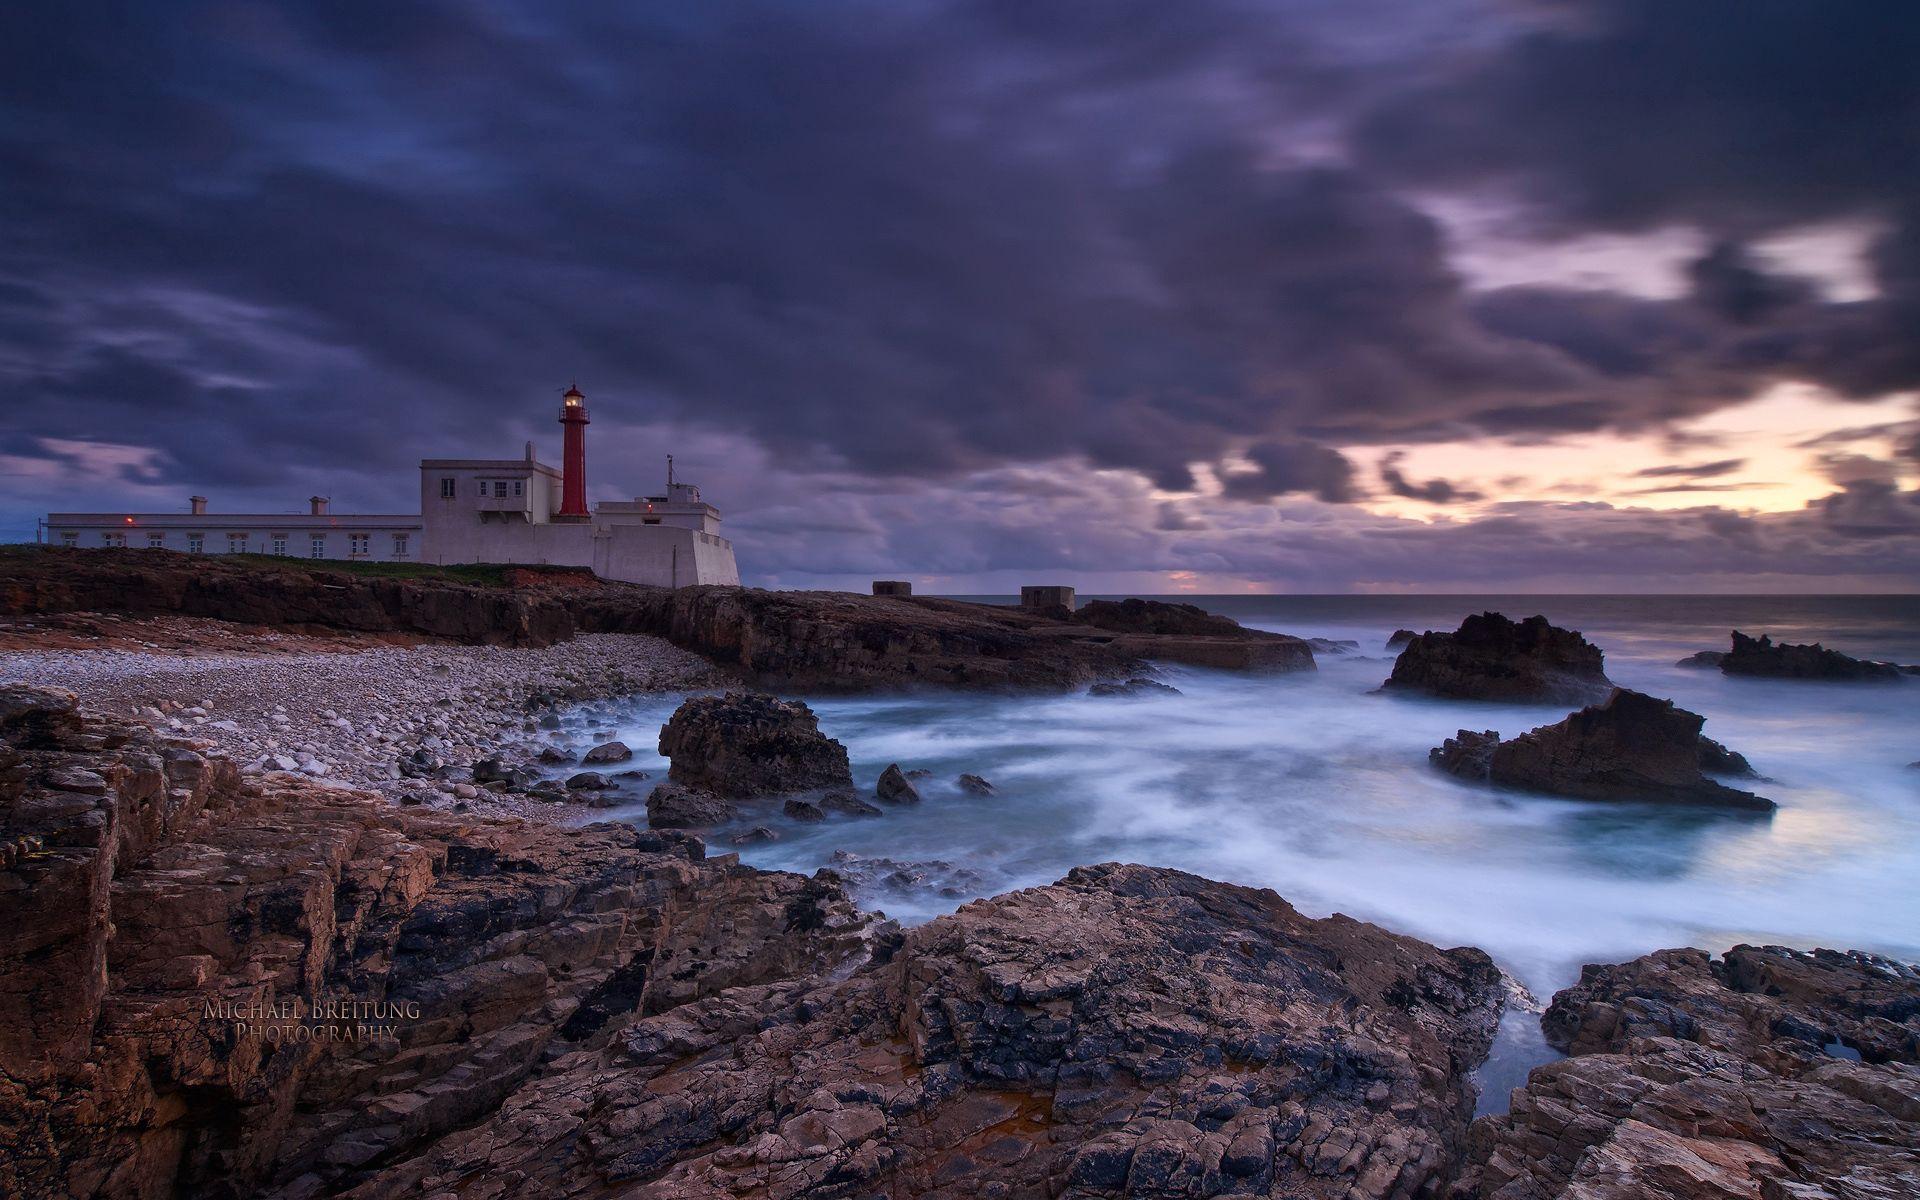 63415壁紙のダウンロード自然, 海, イブニング, 夕方, 灯台, ポルトガル, ショア, 銀行-スクリーンセーバーと写真を無料で